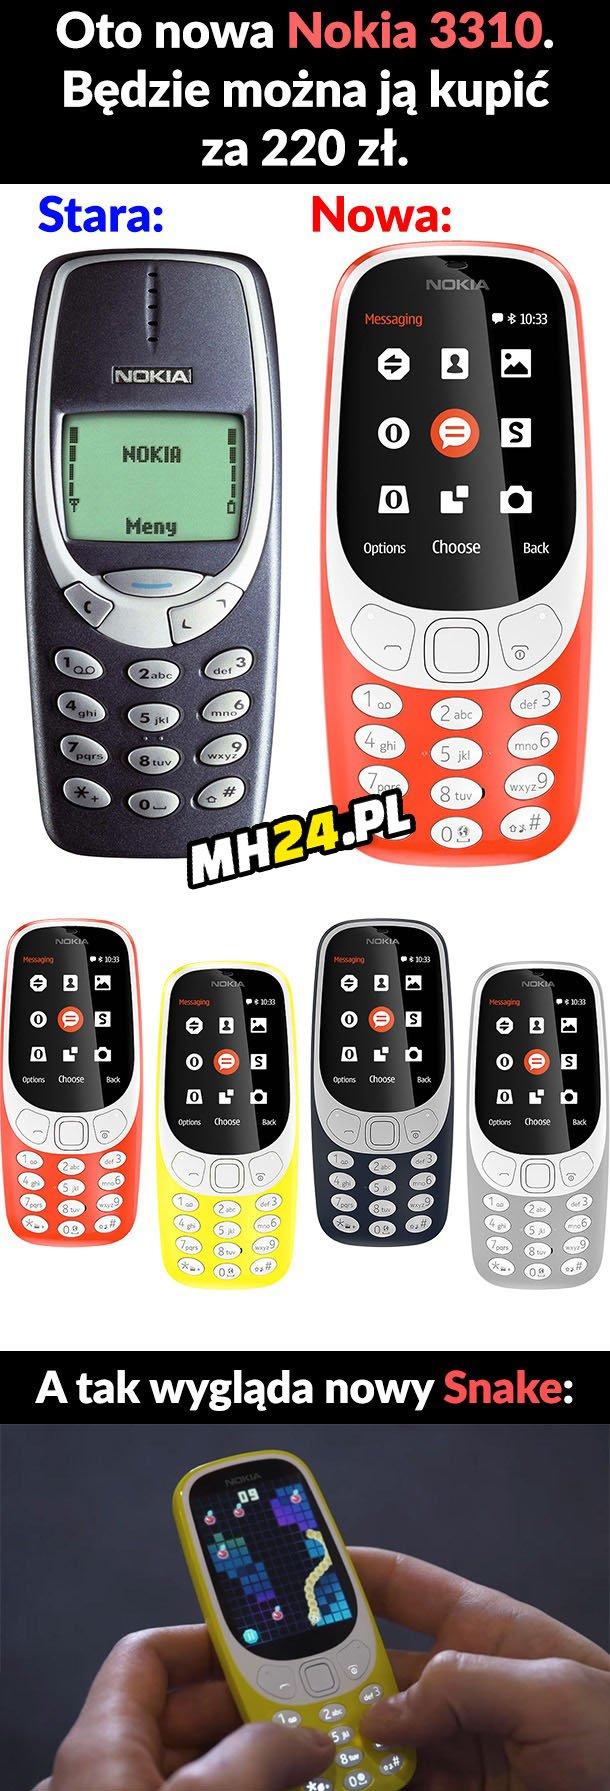 Nowa Nokia 3310 Gadżety